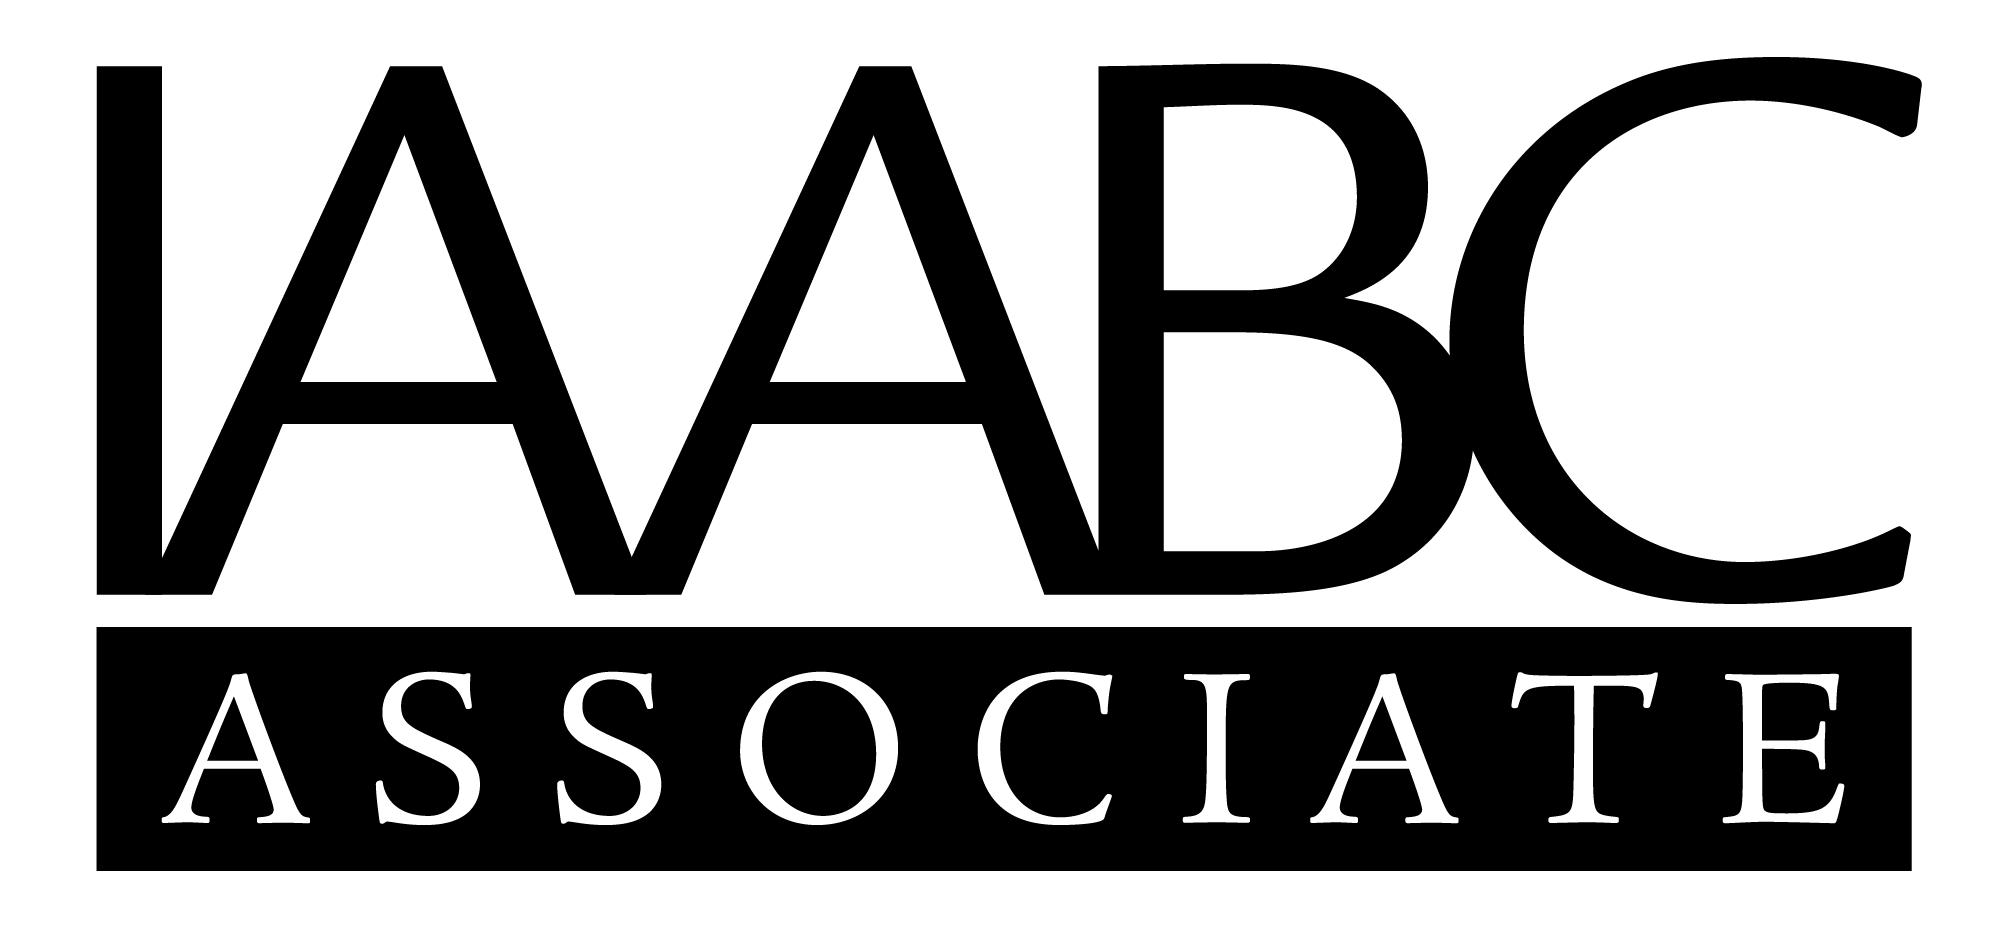 iaabc-associate-black.png